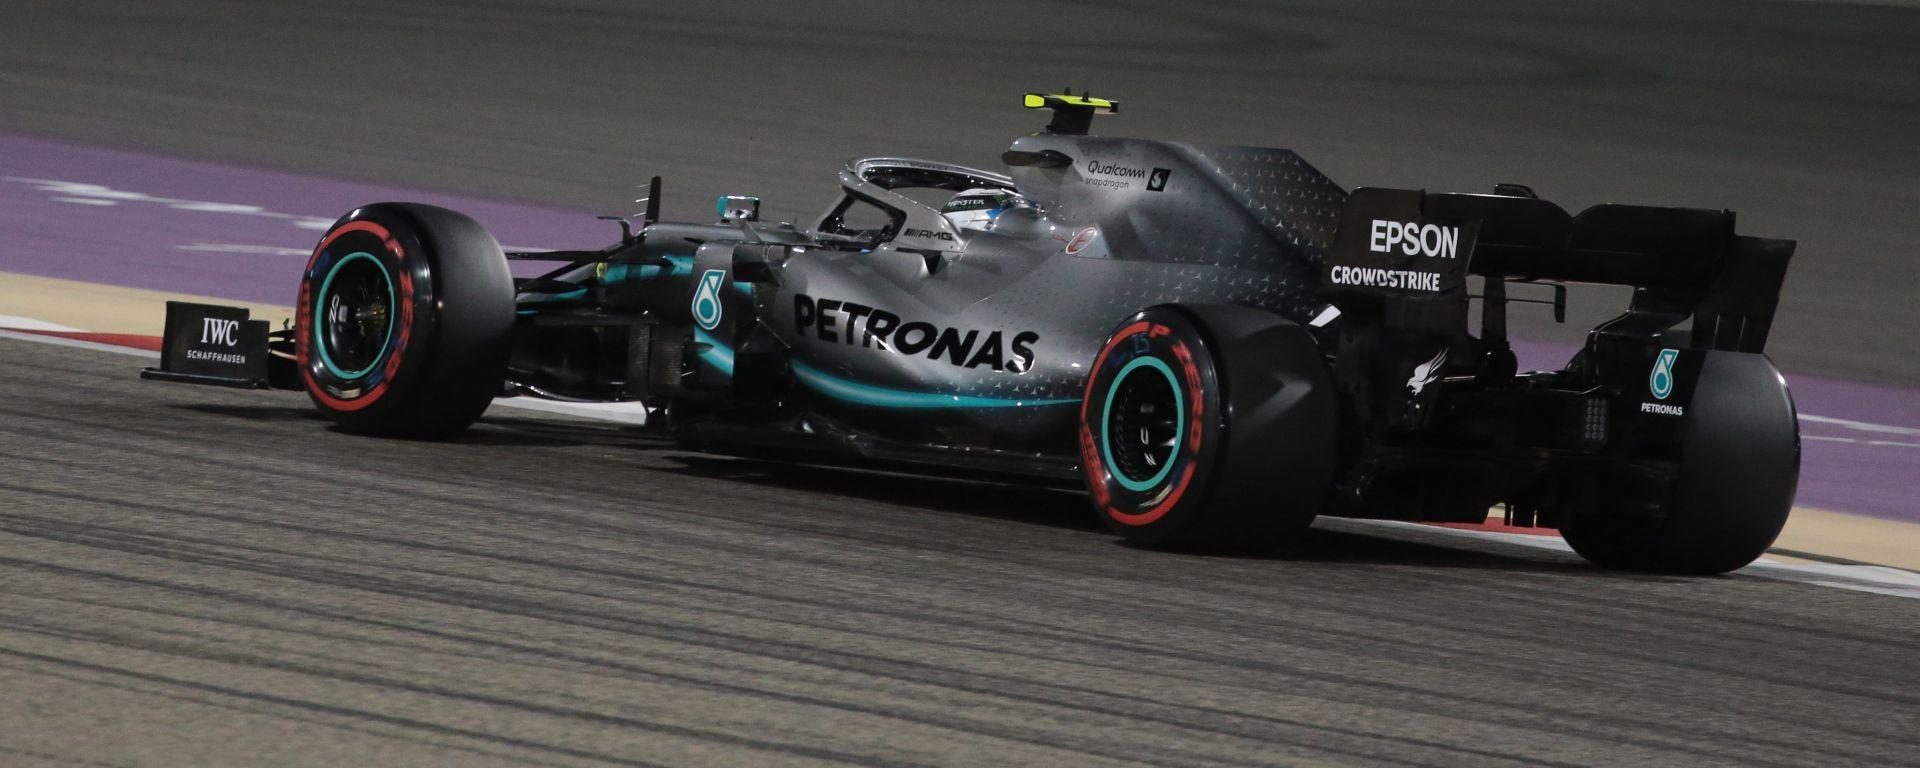 Hamilton ha chiuso il venerdì con il terzo tempo dietro Vettel e Leclerc